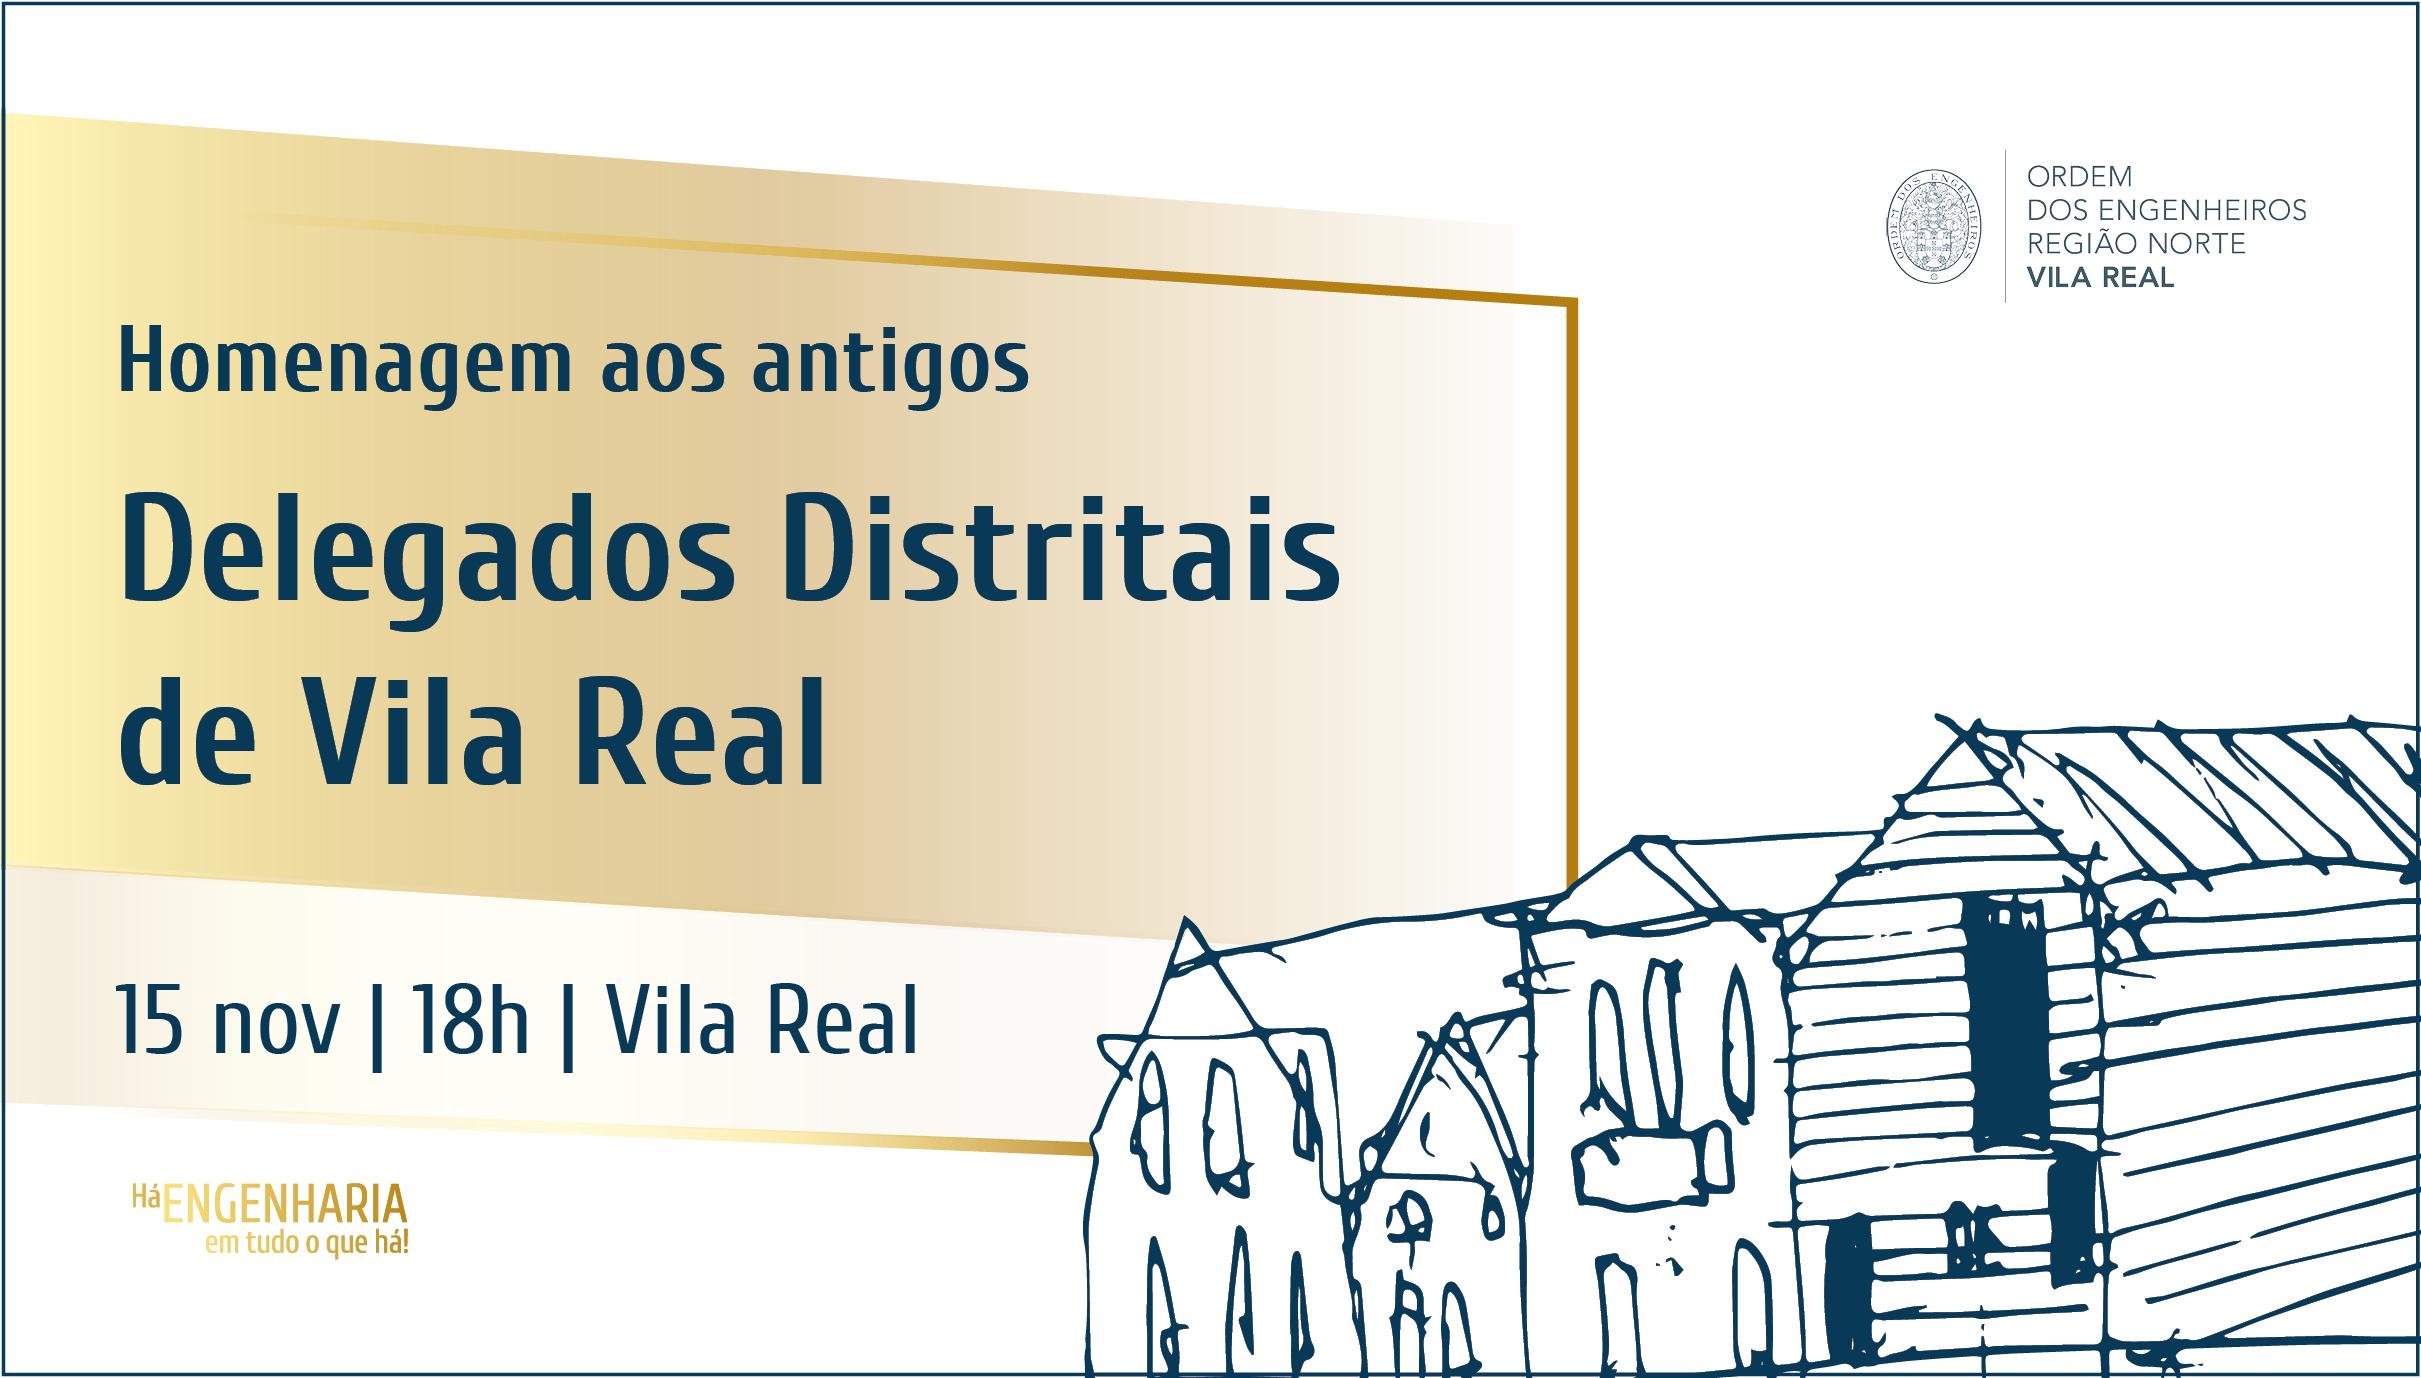 Plataforma Notícias Ordem Engenheiros Região Norte - Delegação de Vila Real homenageia antigos delegados